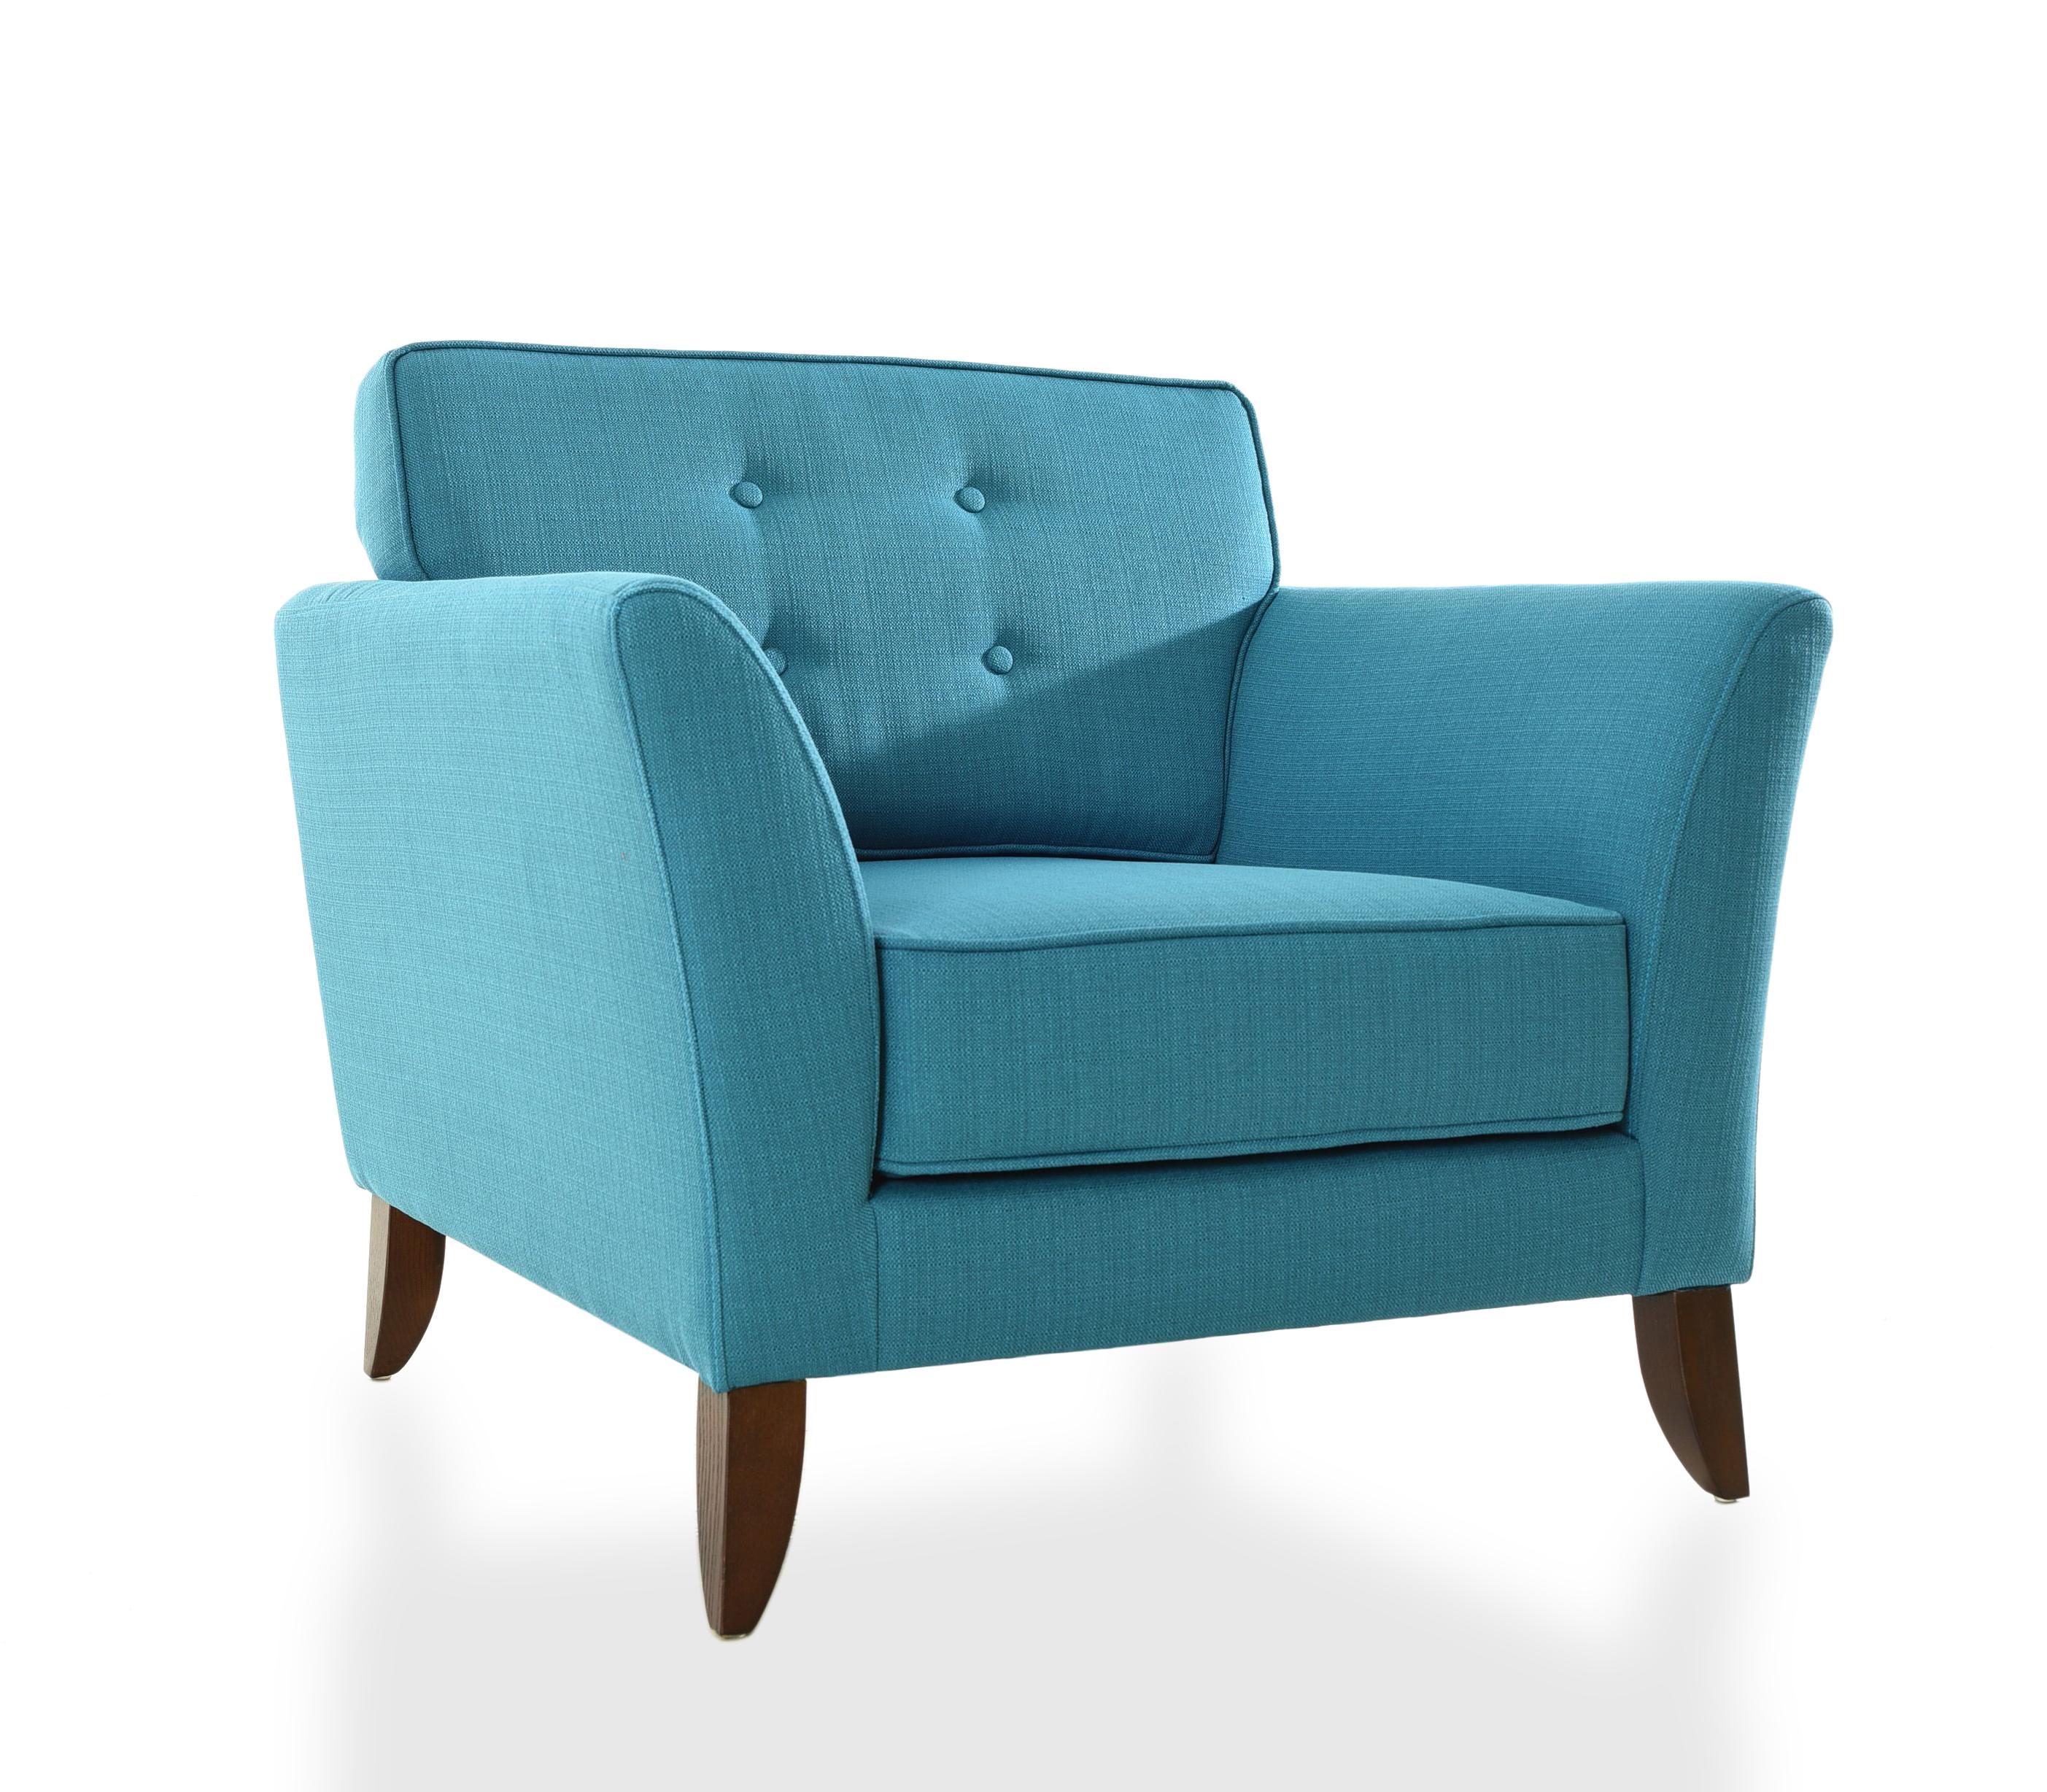 Sillones Modernos Drdp sofa Libra 1 Plaza Sillones Modernos Muebles De Diseà O